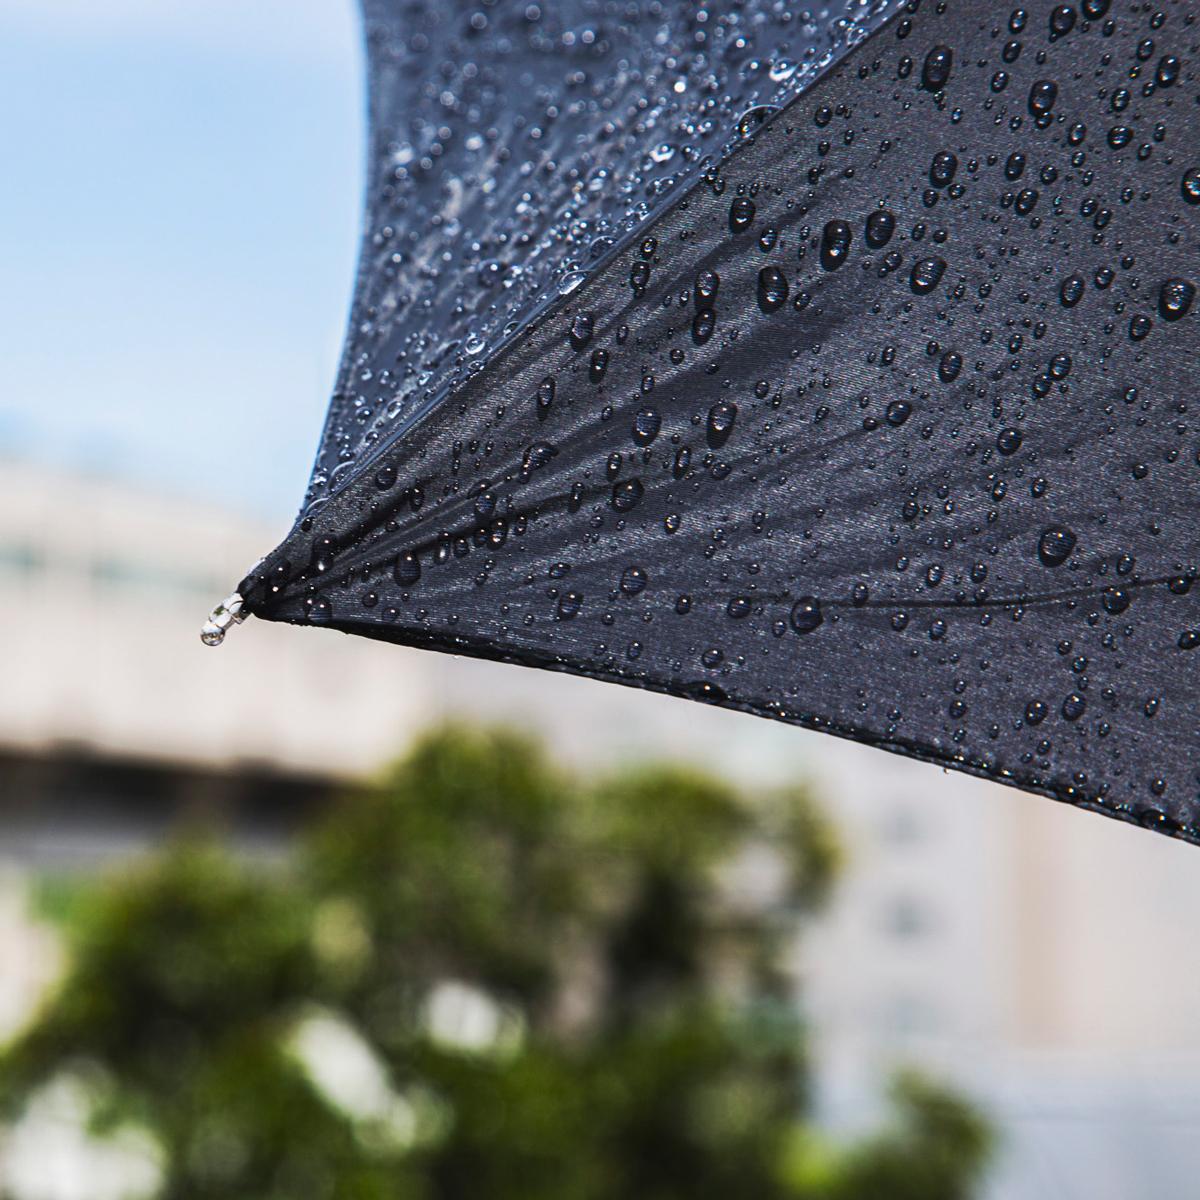 マイクロ傘の生みの親は、創業83年の老舗傘メーカー『スギタ』。昨今の豪雨にも耐えうる強度を保ちながら、携帯傘のサイズを限界まで小さく設計しました。折りたたみ傘「マイクロ傘」|スギタ